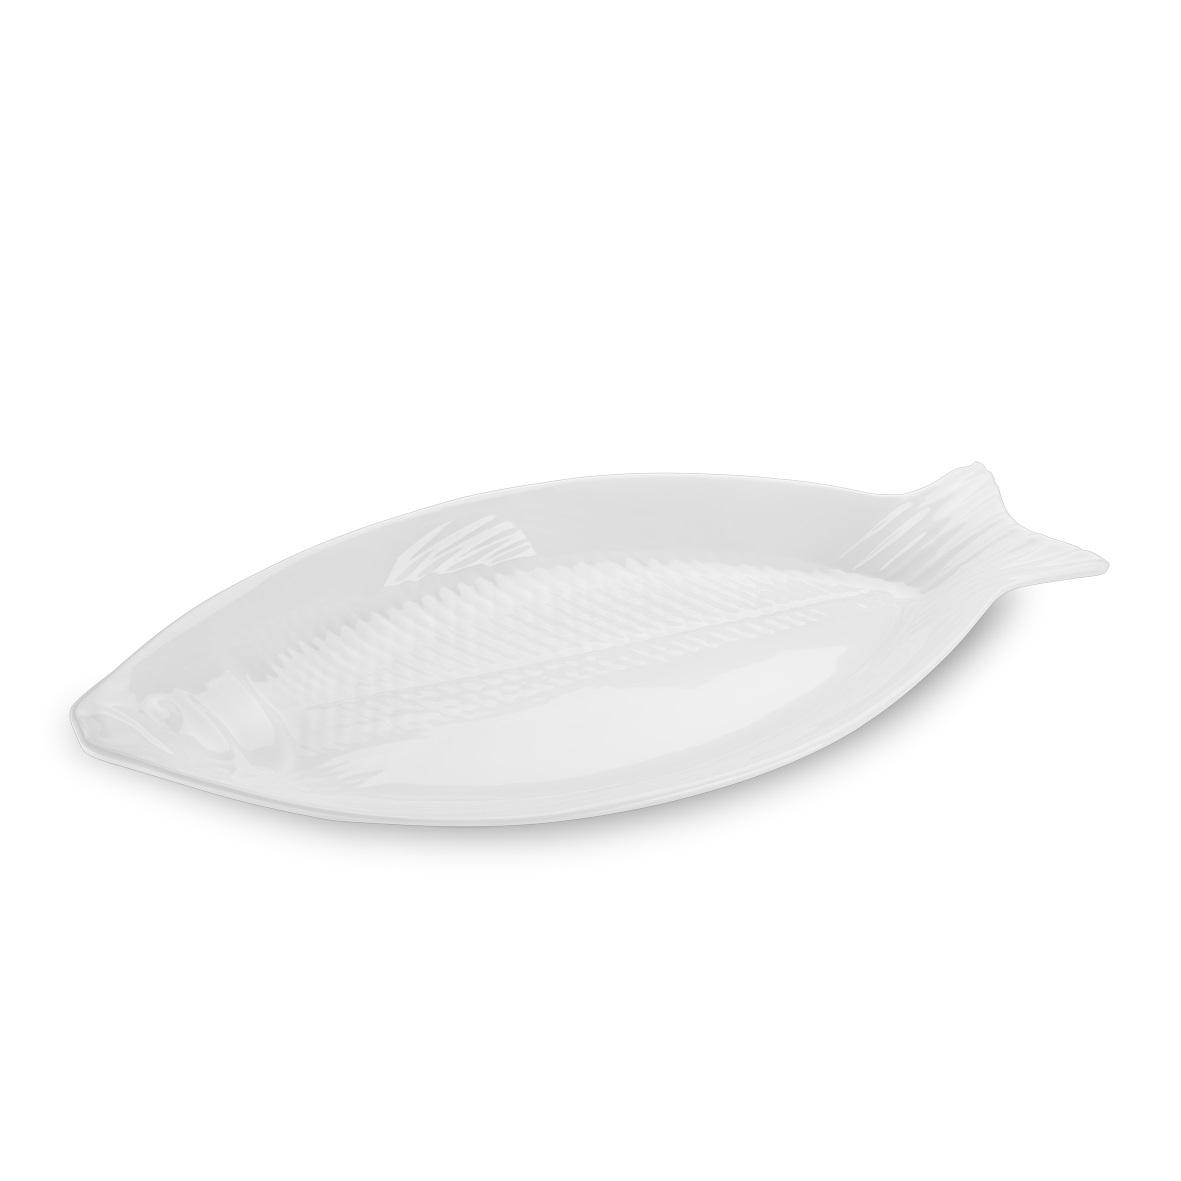 Travessa melamina peixe Texture branca 28x13,5x7 cm Haus Brinox